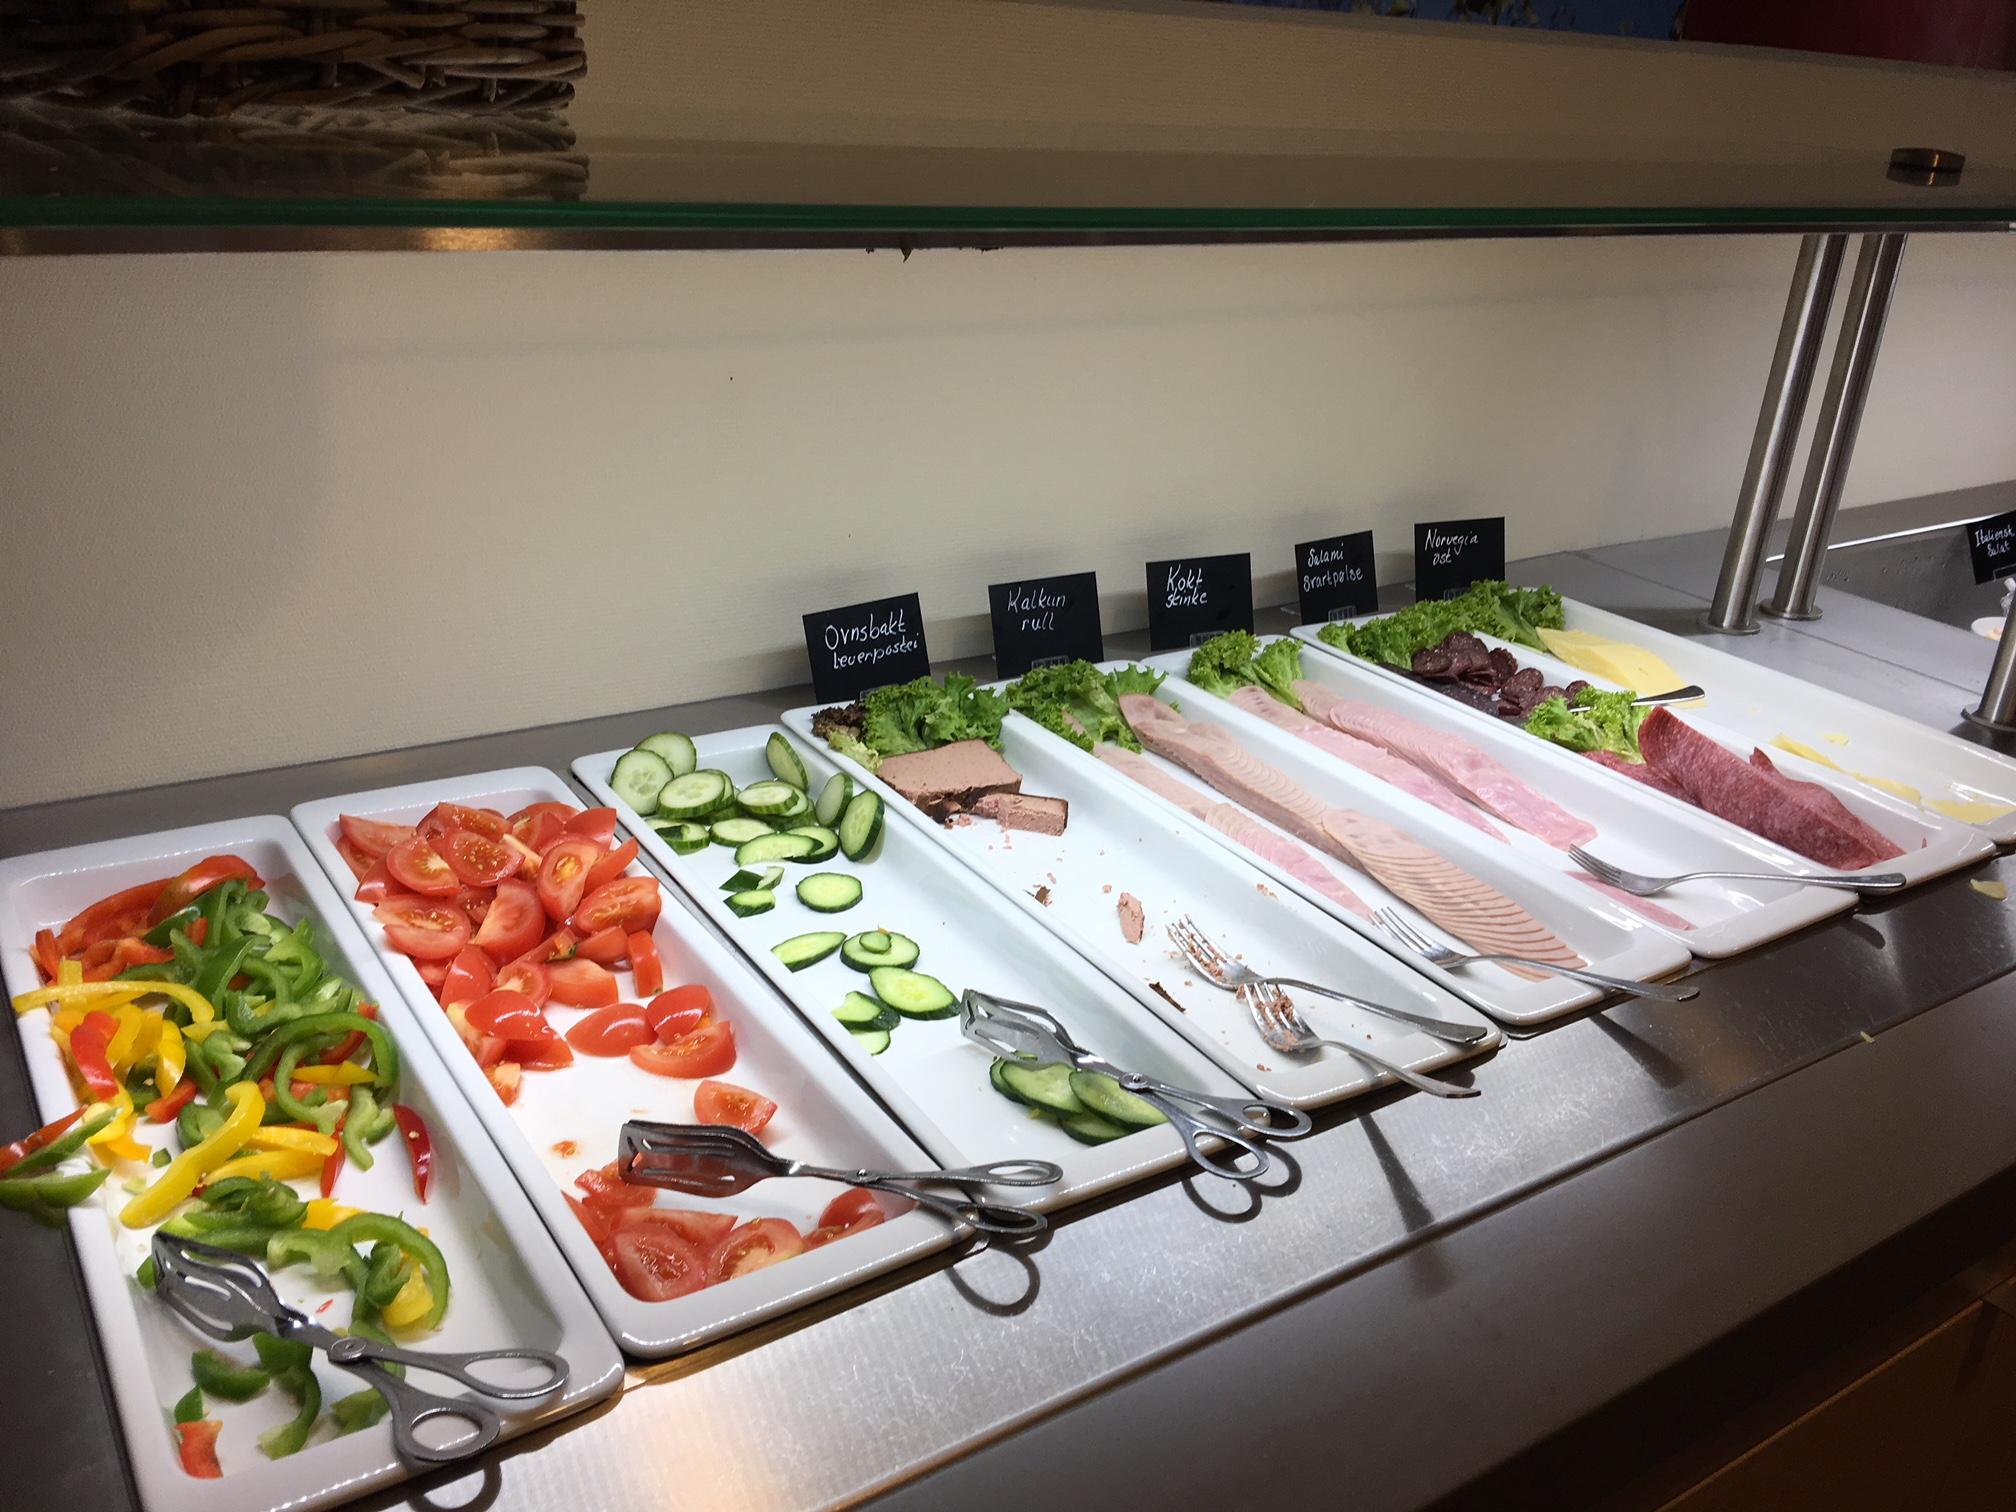 Gardermoen Airport Hotel, eine Auswahl an Gemüse, Wurst und Käse wird auch angeboten